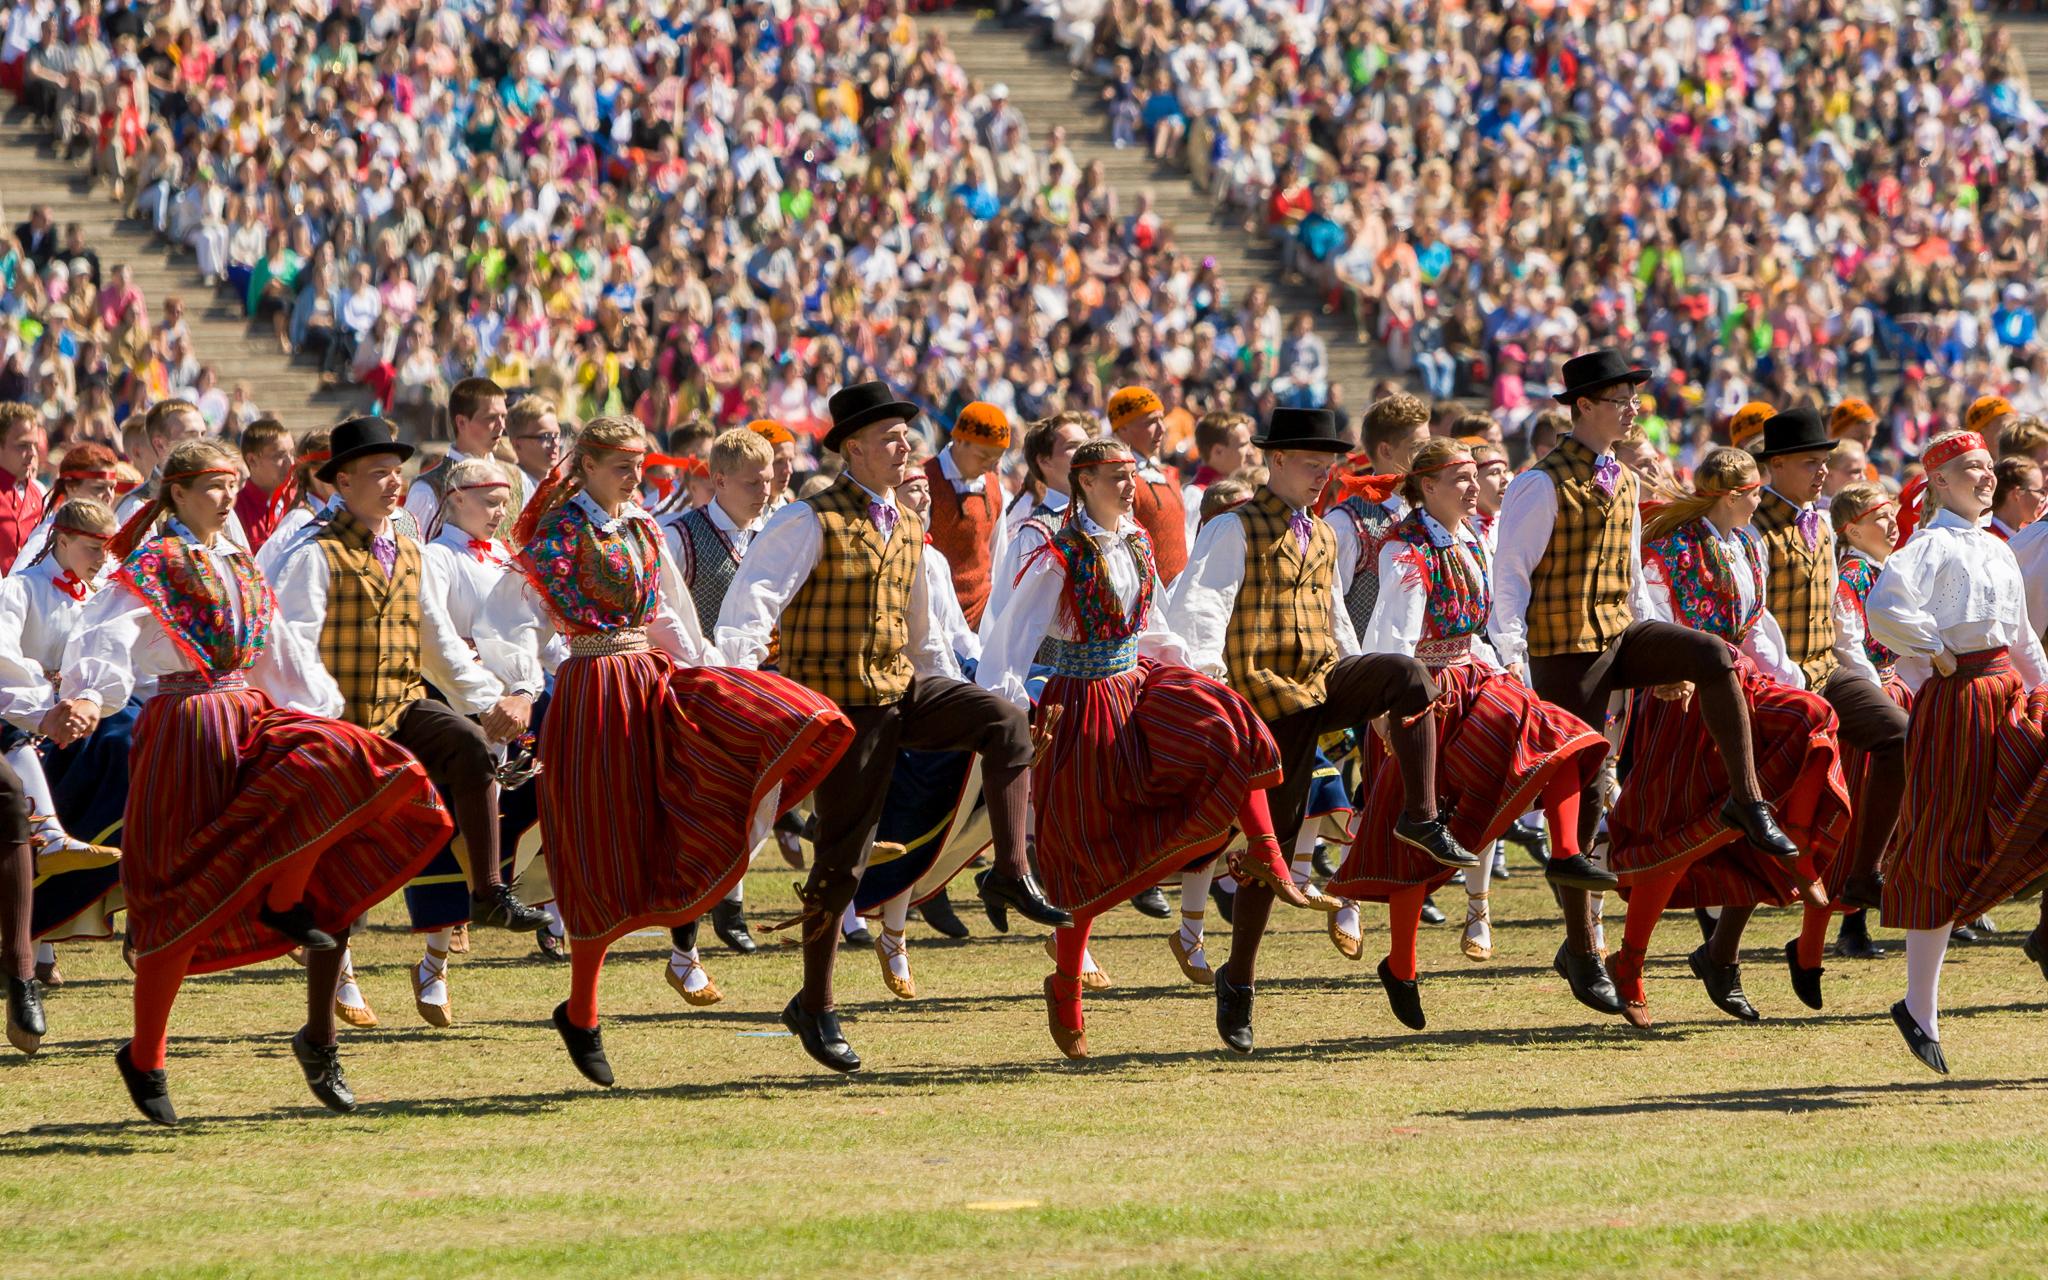 CHRS1800 - Эстония. Горячие летние фестивали